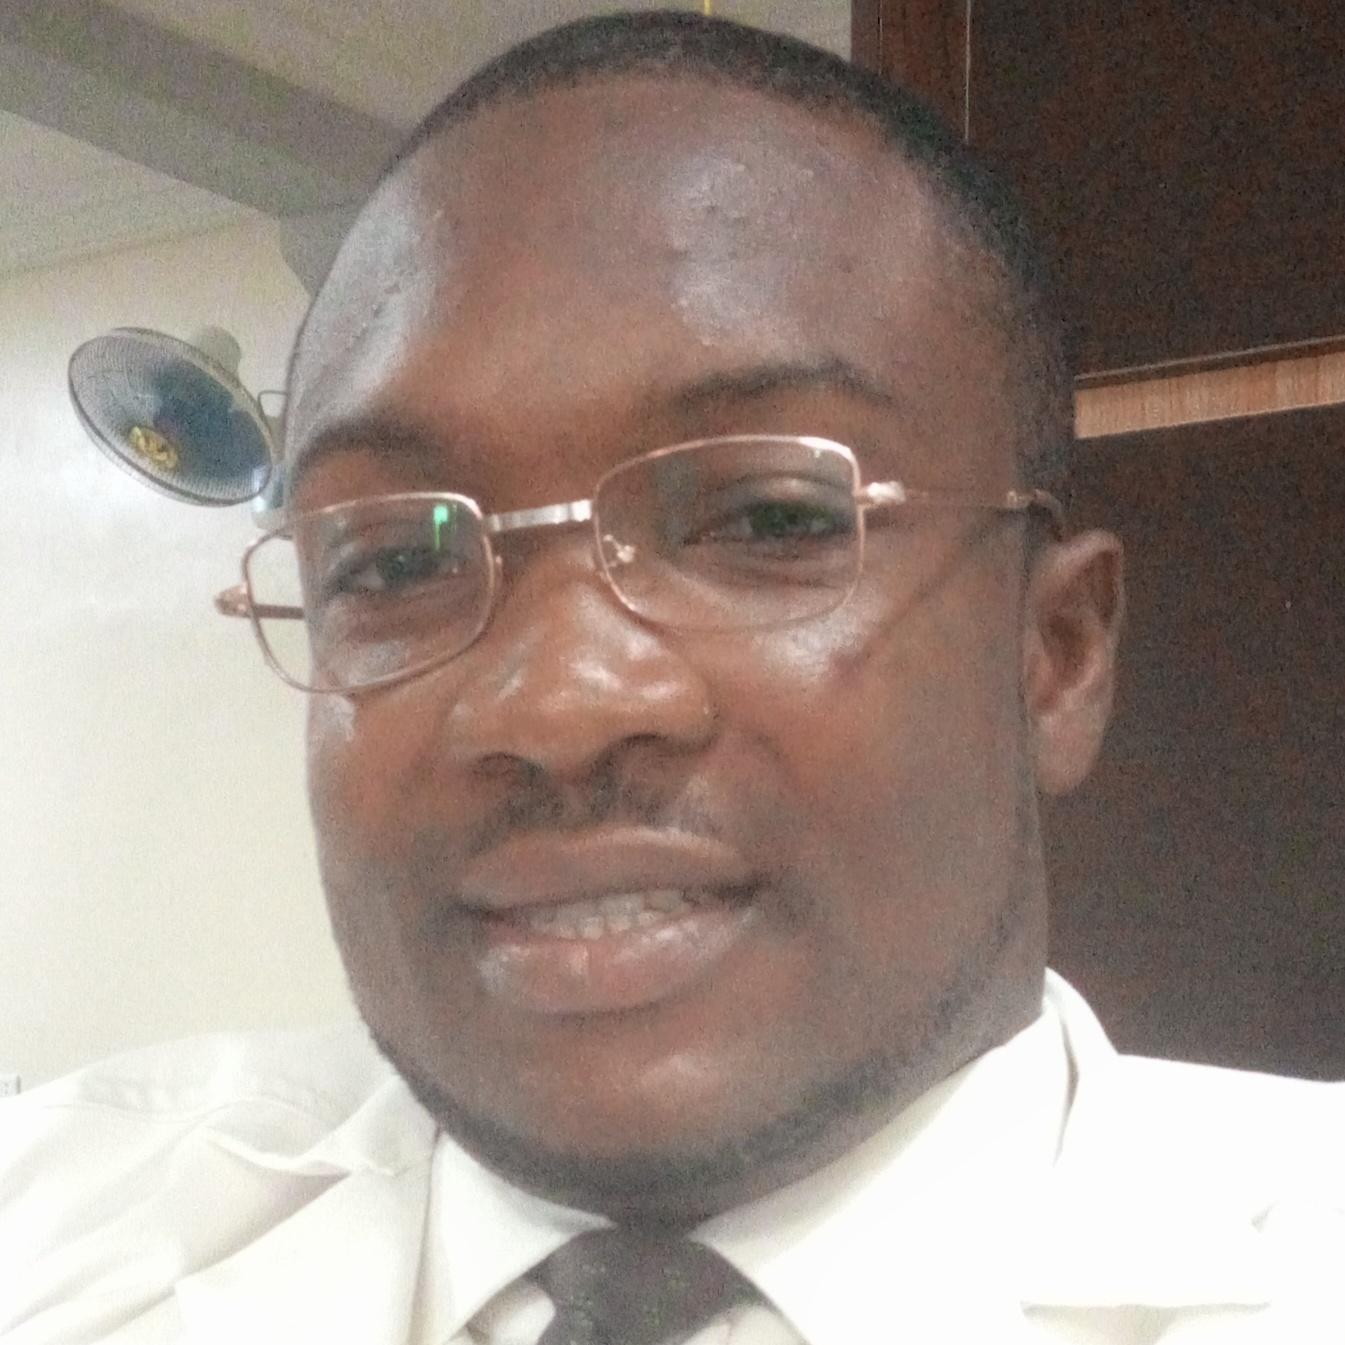 Chidile Muonwe